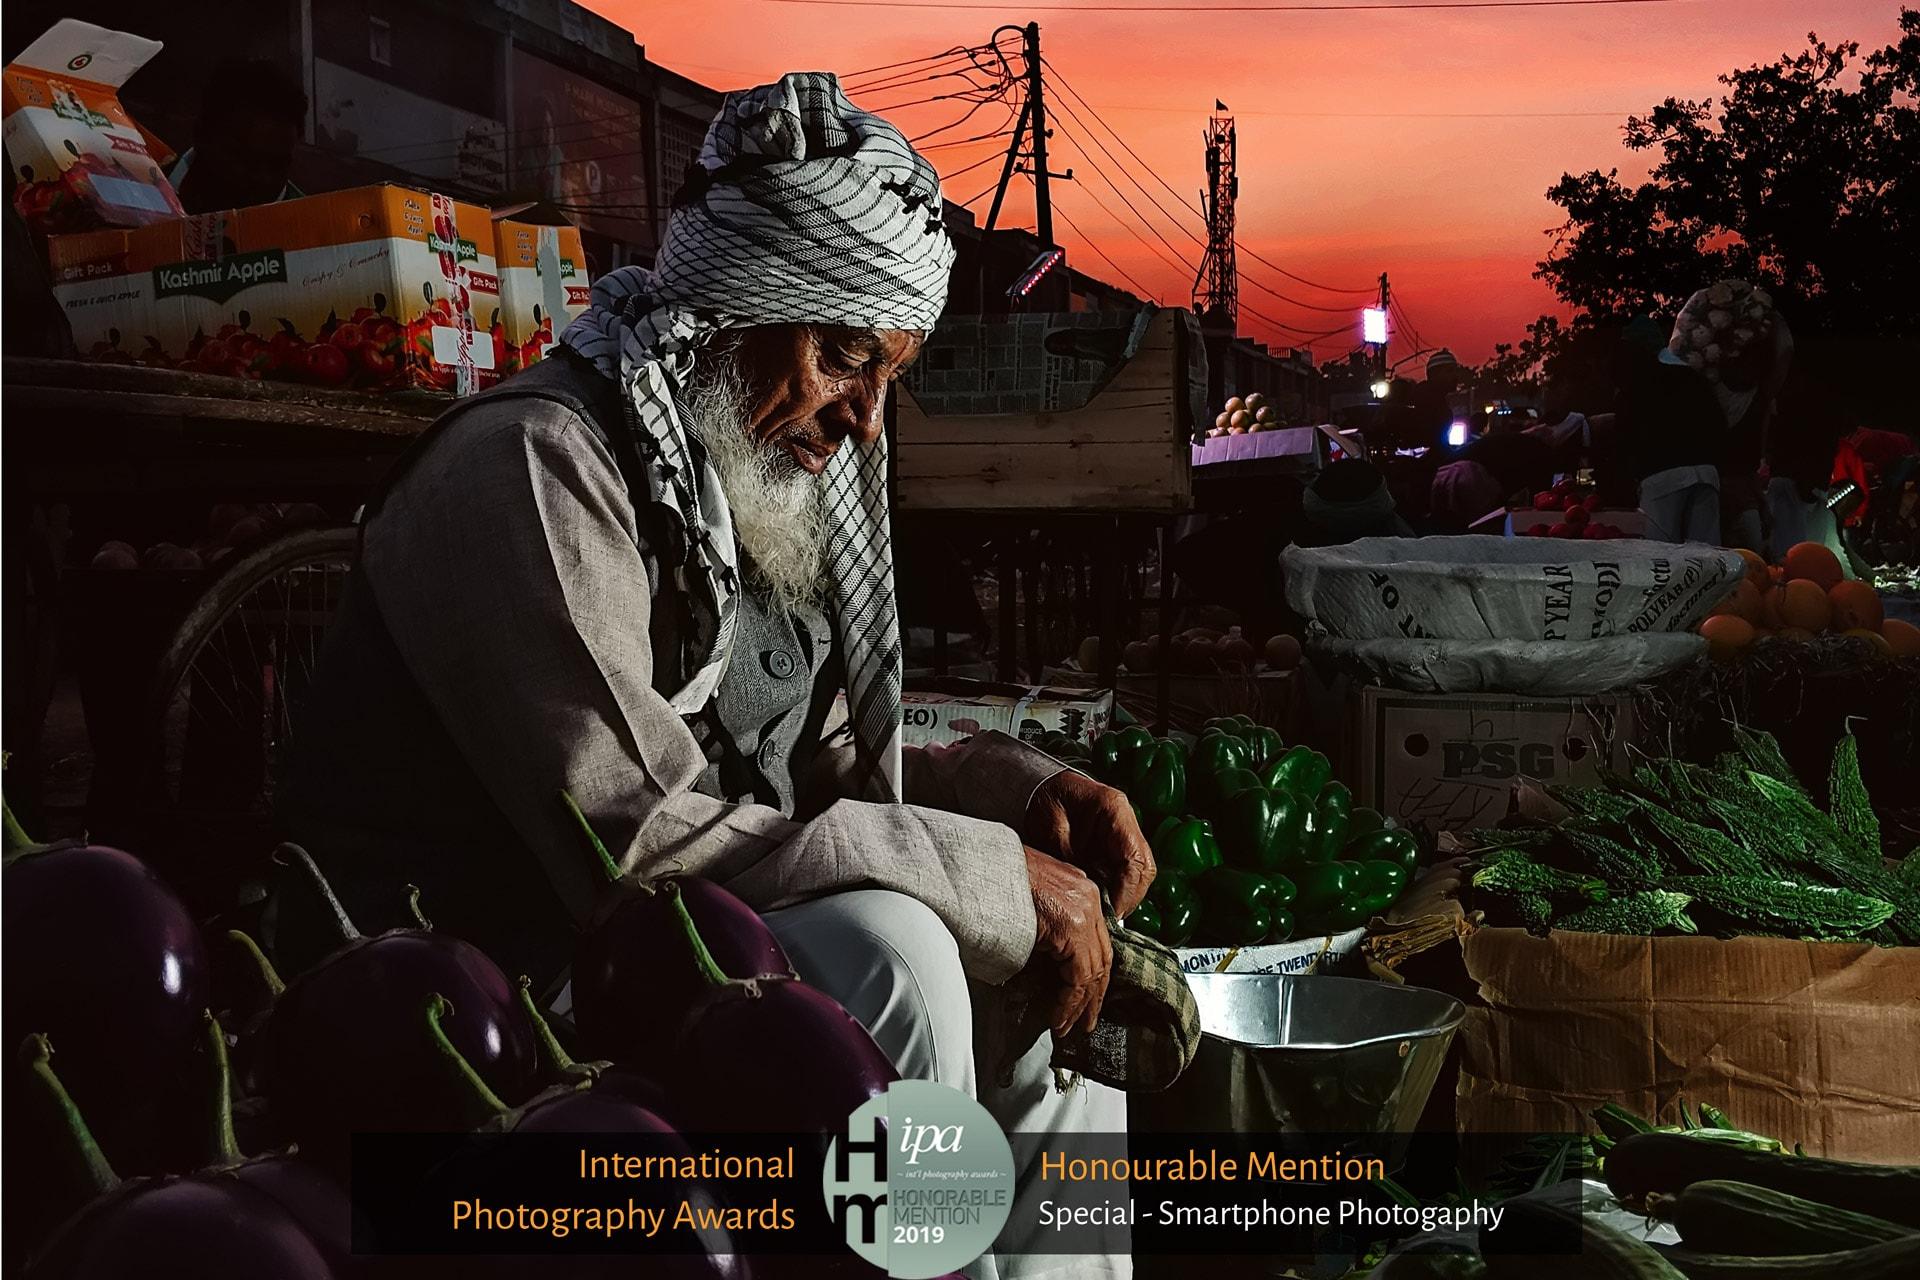 Creative Photography Winner Arjun Kamath